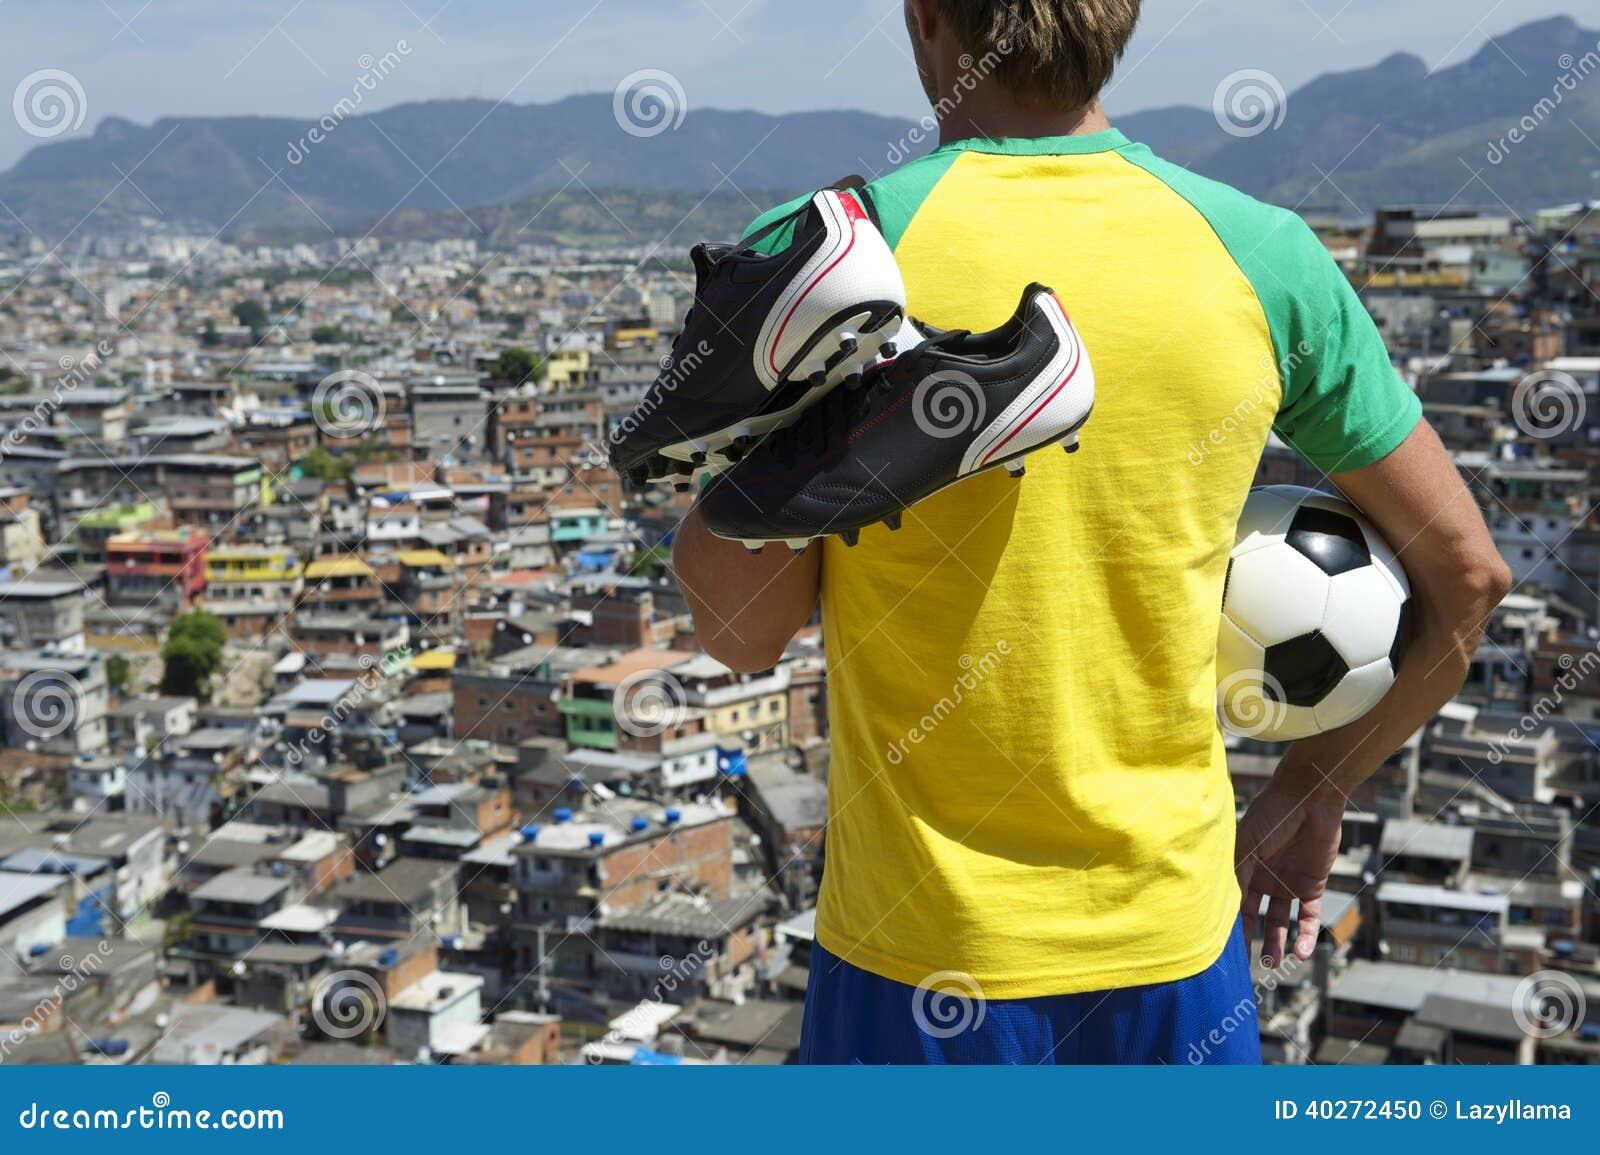 Brasilianischer Fußball-Spieler in Kit Holding Soccer Ball Favela